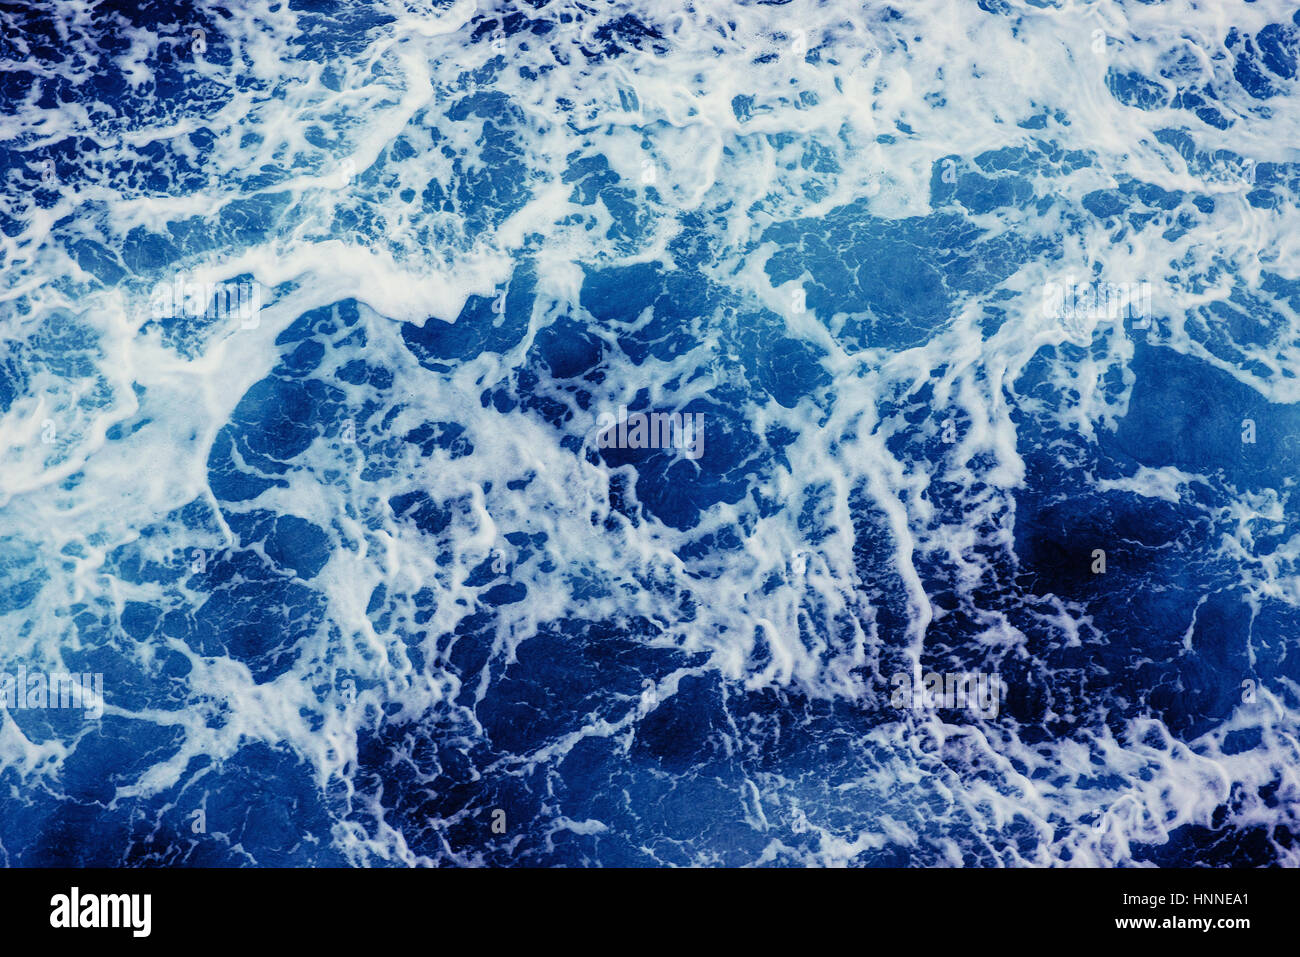 Hintergrund, die blauen Wellen des Meeres. Stockbild